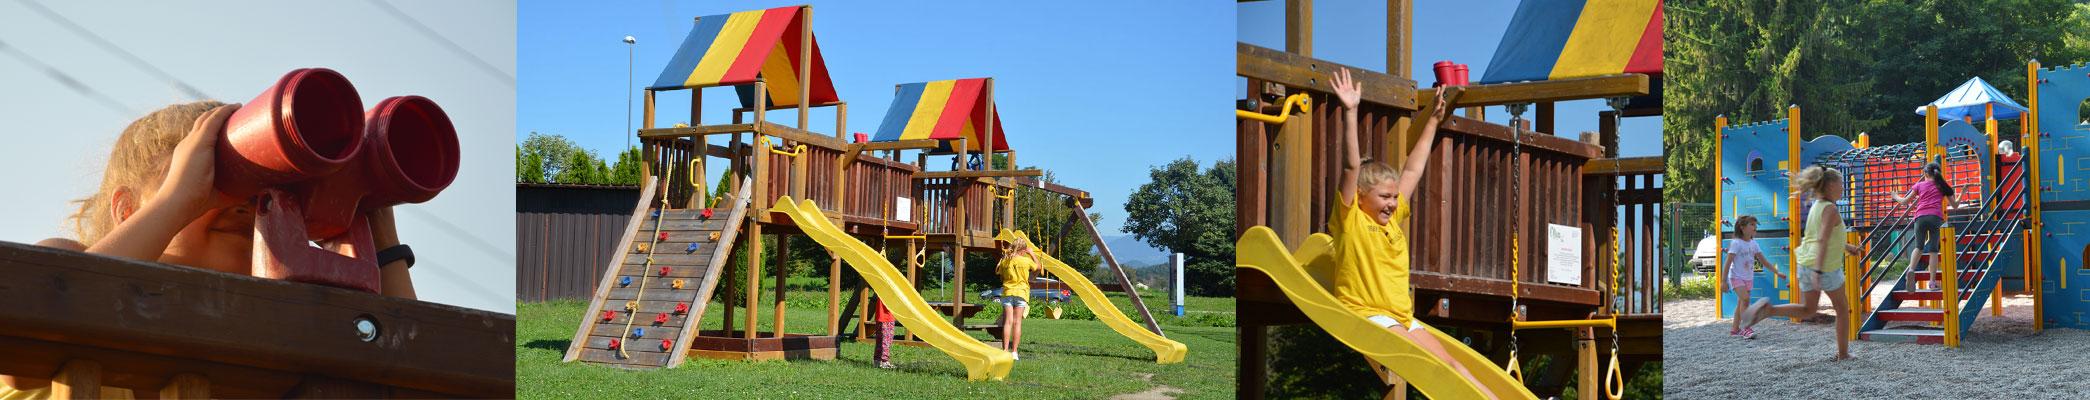 Vrhunska večnamenska zunanja igrala za otroke za vaše javno igrišče, vrtec, šolo, kamp, hotel ali lokal